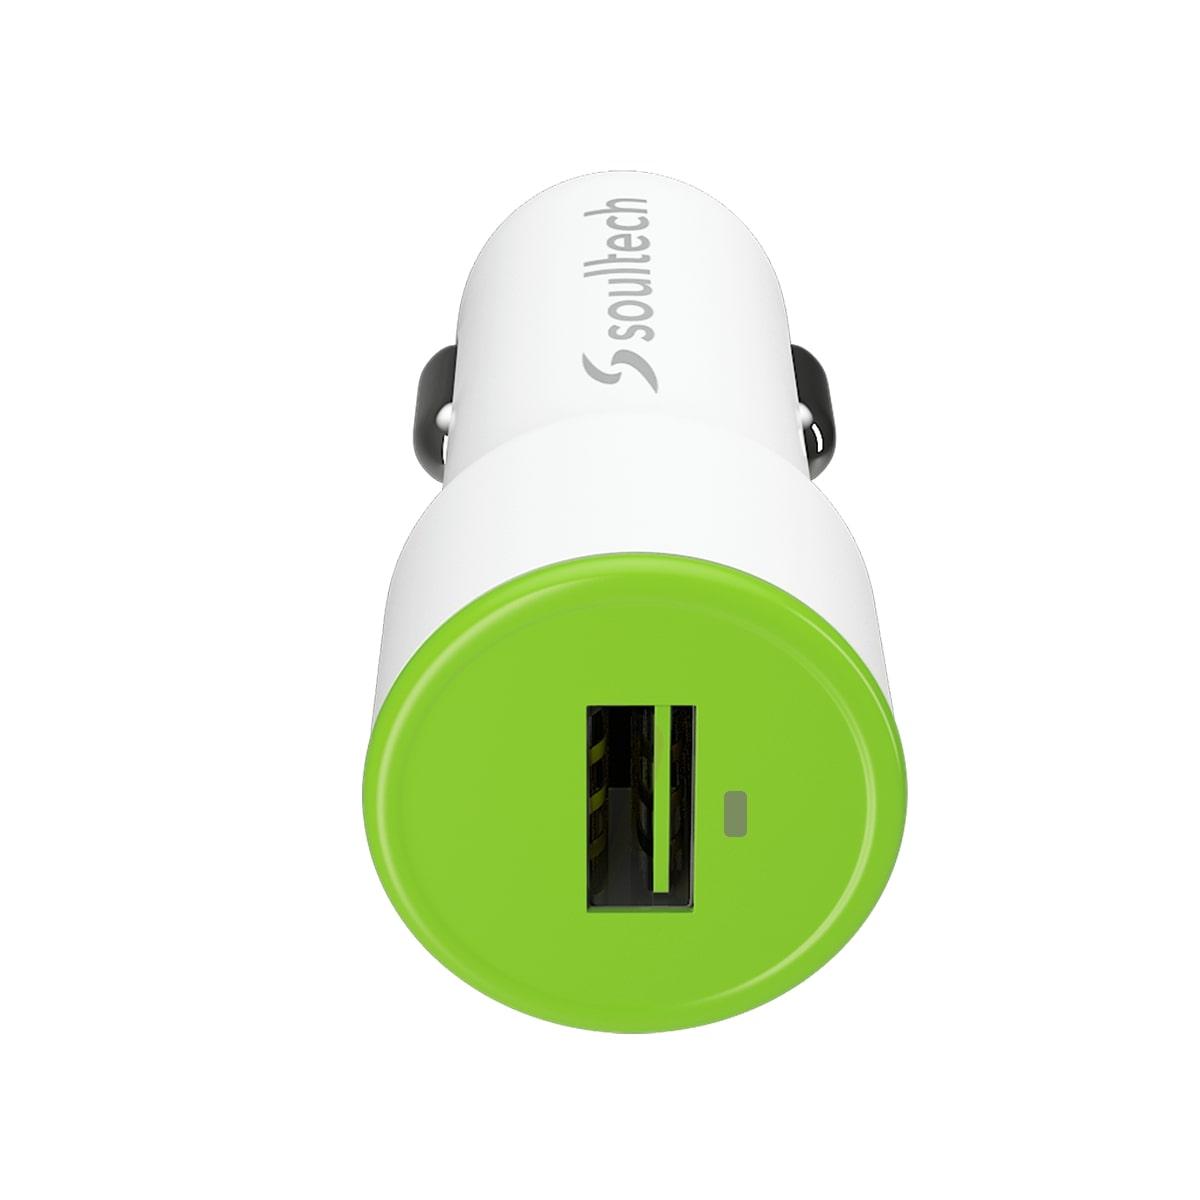 Soultech Comfort Iphone 5/6/7/8 Araç Şarjı+Kablo SC322B 2.1 MAH  Beyaz